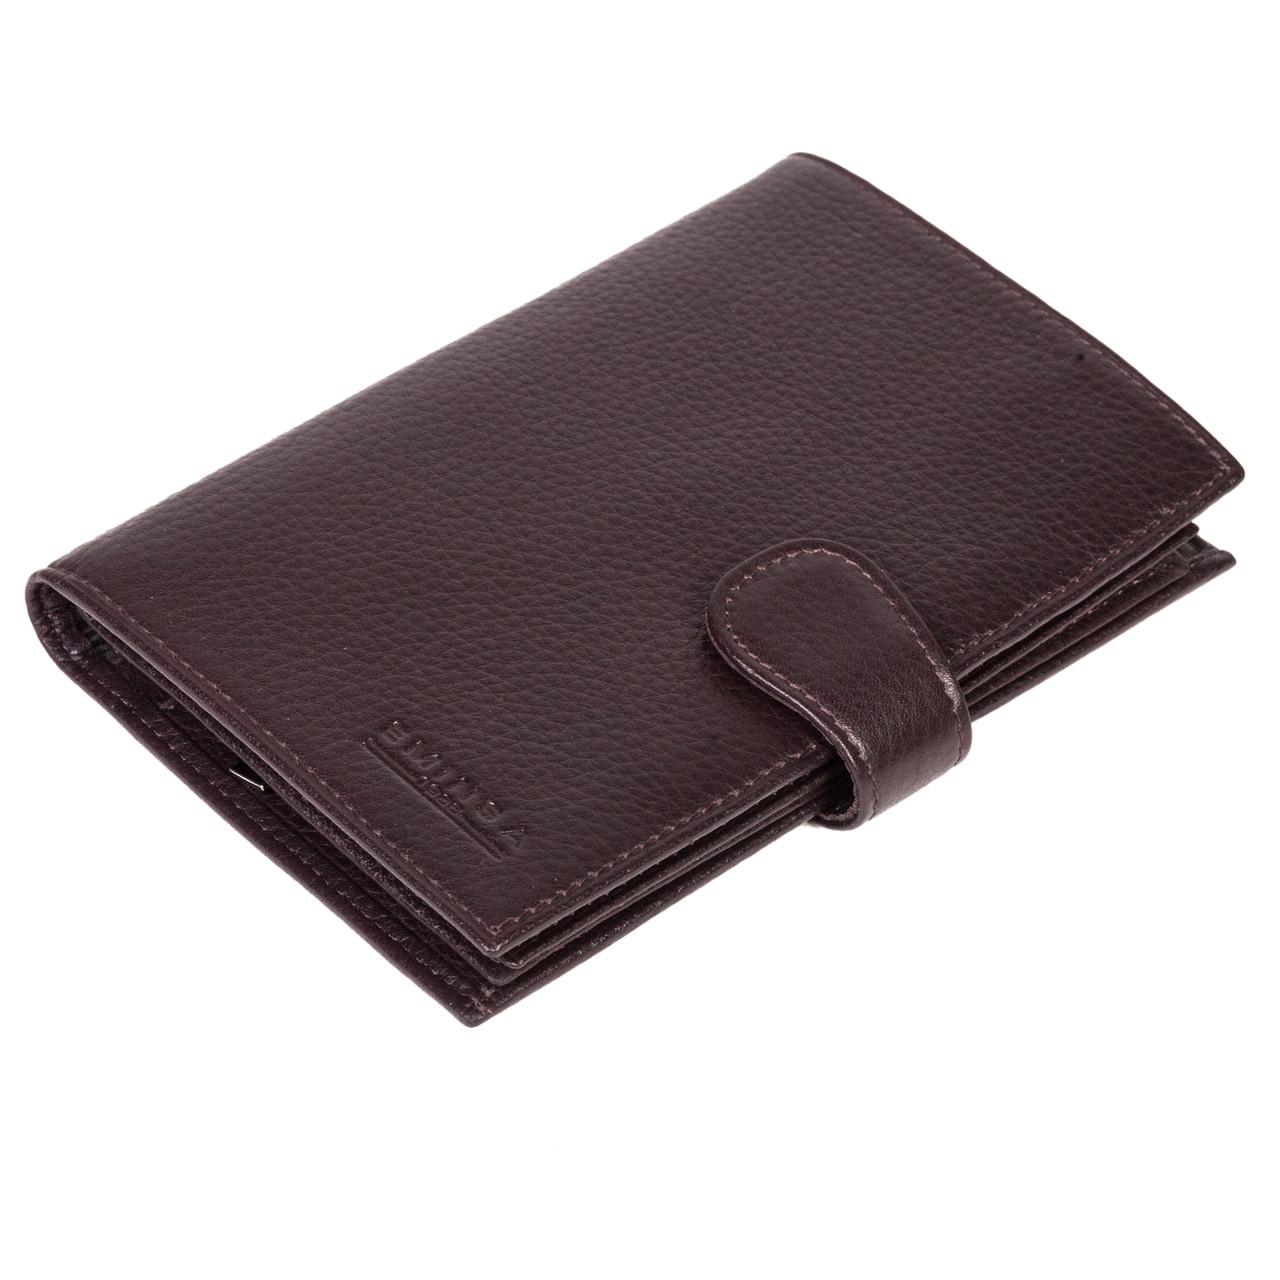 Мужское портмоне Eminsa 1001-17-3 кожаное с отделением для паспорта коричневое